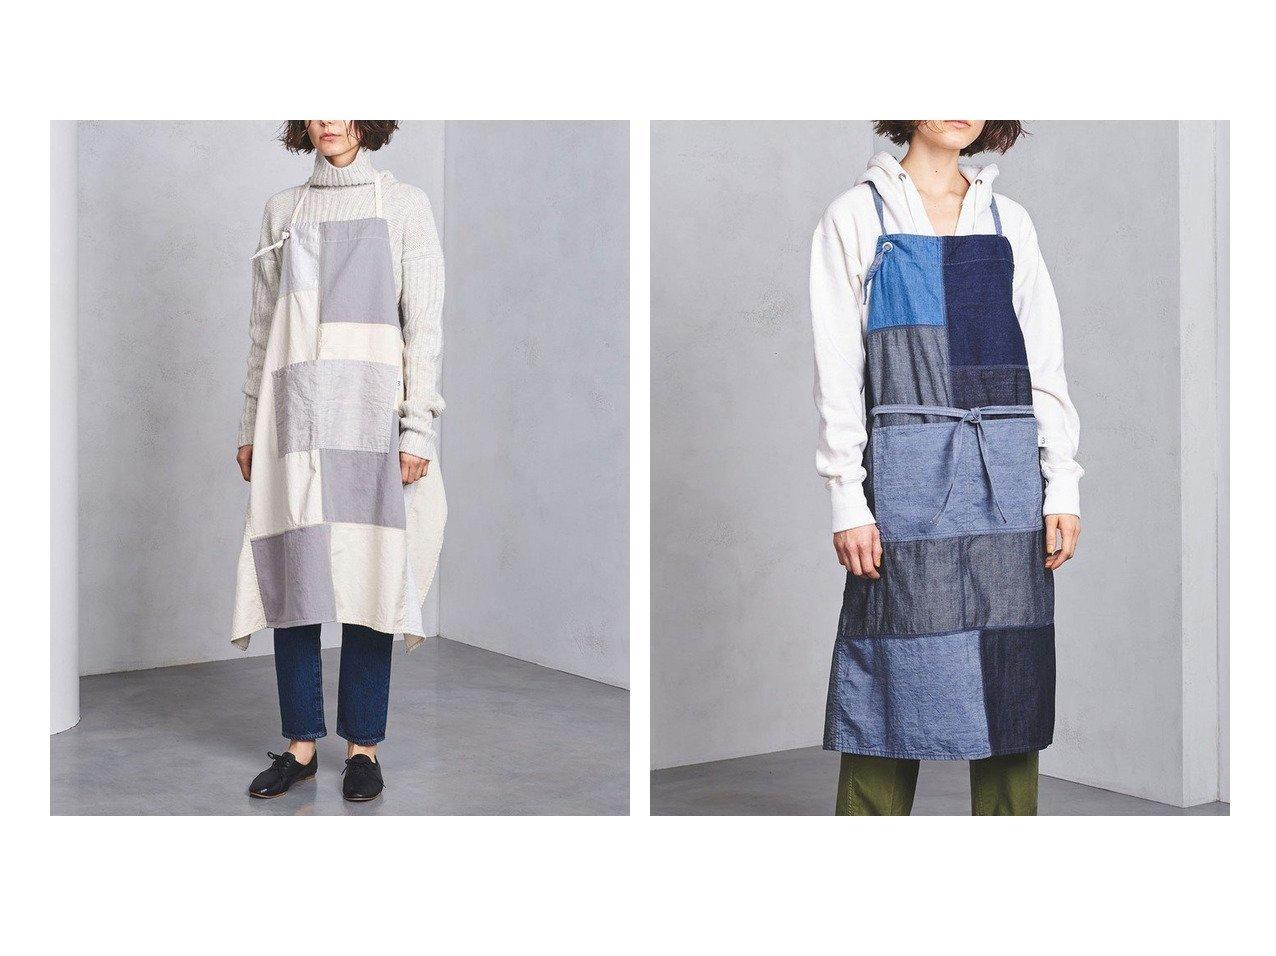 【UNITED ARROWS / GOODS/ユナイテッドアローズ】のデニム エプロン UNITED ARROWSのおすすめ!人気、トレンド・レディースファッションの通販 おすすめで人気の流行・トレンド、ファッションの通販商品 メンズファッション・キッズファッション・インテリア・家具・レディースファッション・服の通販 founy(ファニー) https://founy.com/ タオル デニム パッチワーク フロント ポケット  ID:crp329100000019590